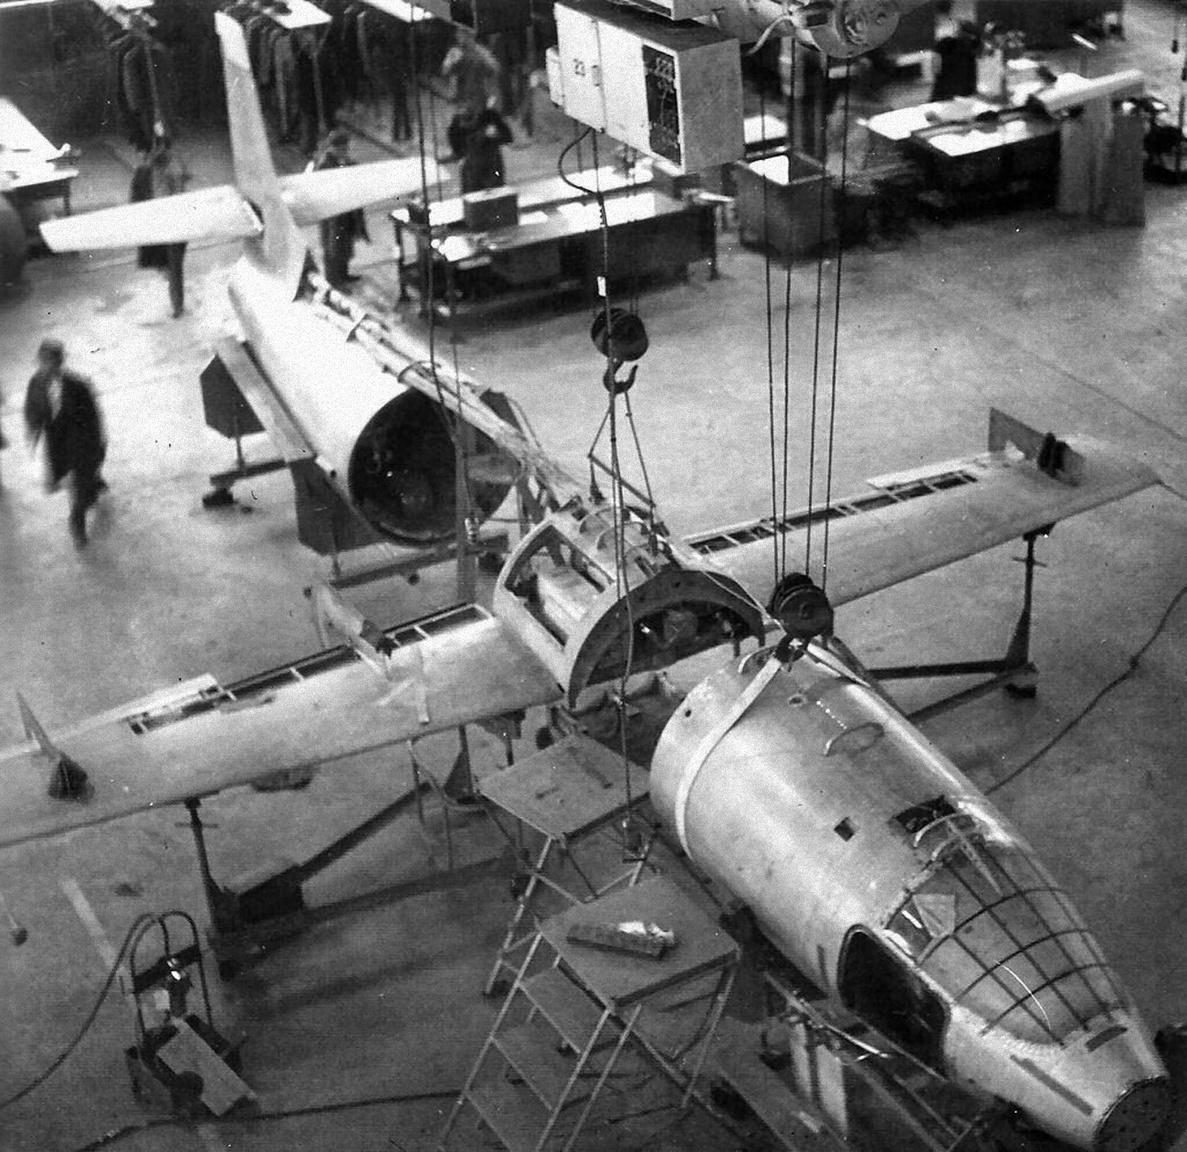 Fődarabok összeszerelése előtt – X-1 repülőgép építés alatt a Bell Aircraft Corporation buffalói gyárában.